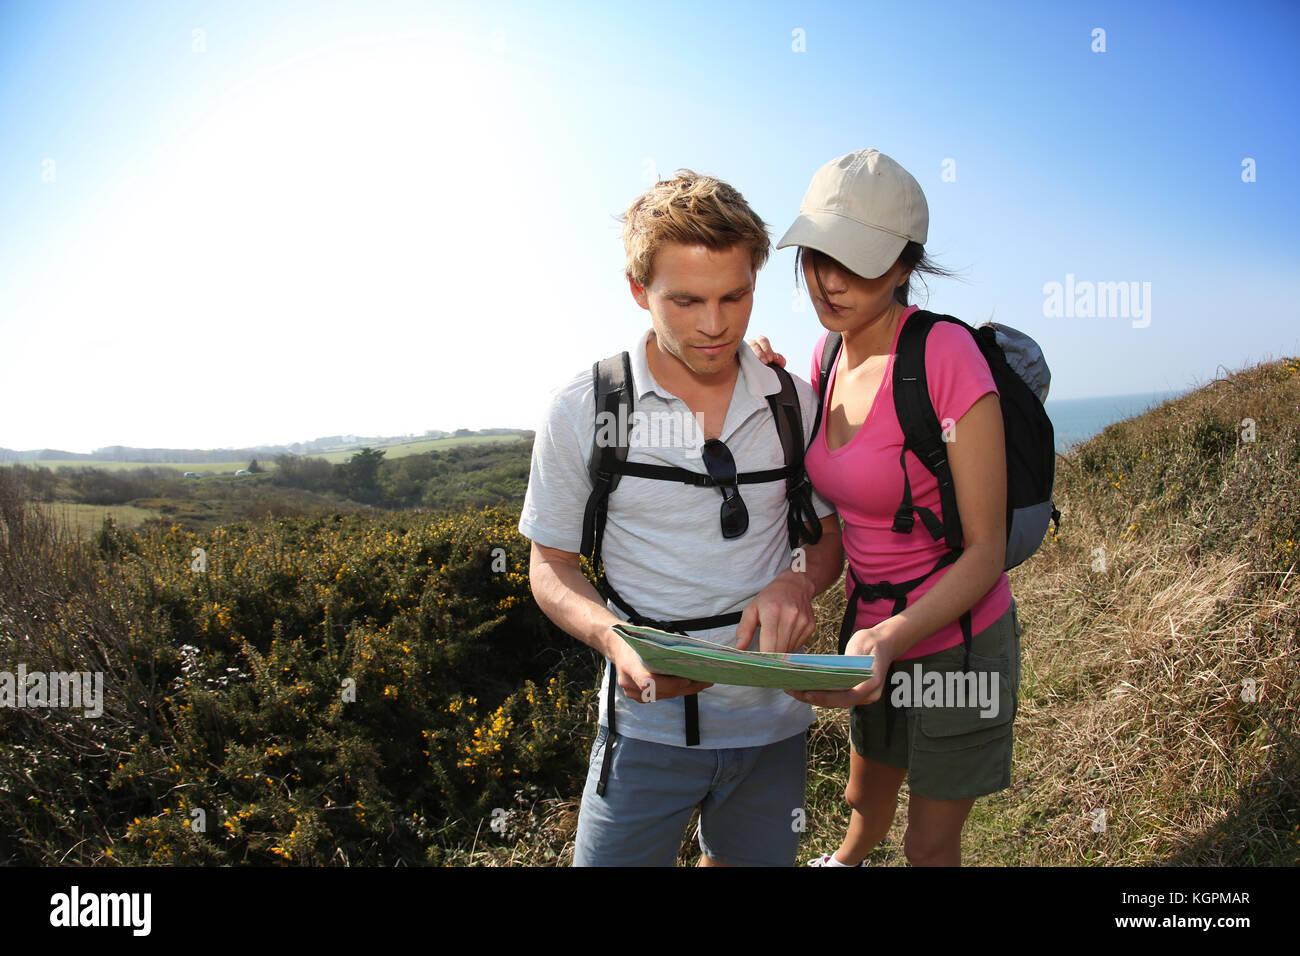 Los excursionistas en el país buscando la ruta en el mapa Imagen De Stock